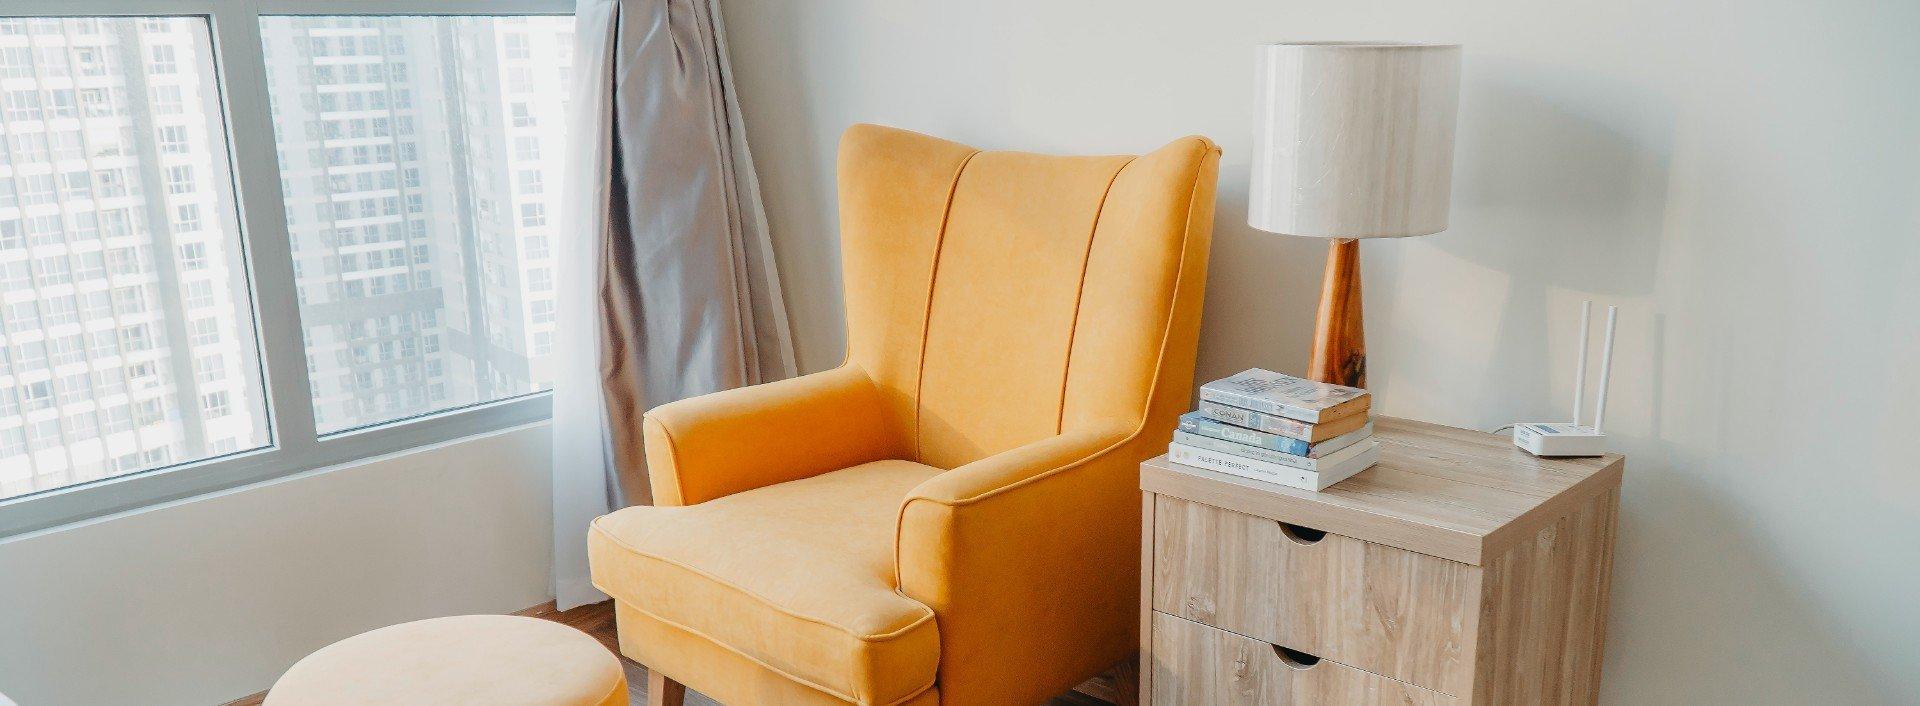 Ein gelber Sessel und ein Nachttisch stehen in einem weißen Zimmer. Sessel und Nachttisch als englische Wörter für Möbel sind praktisch zu kennen